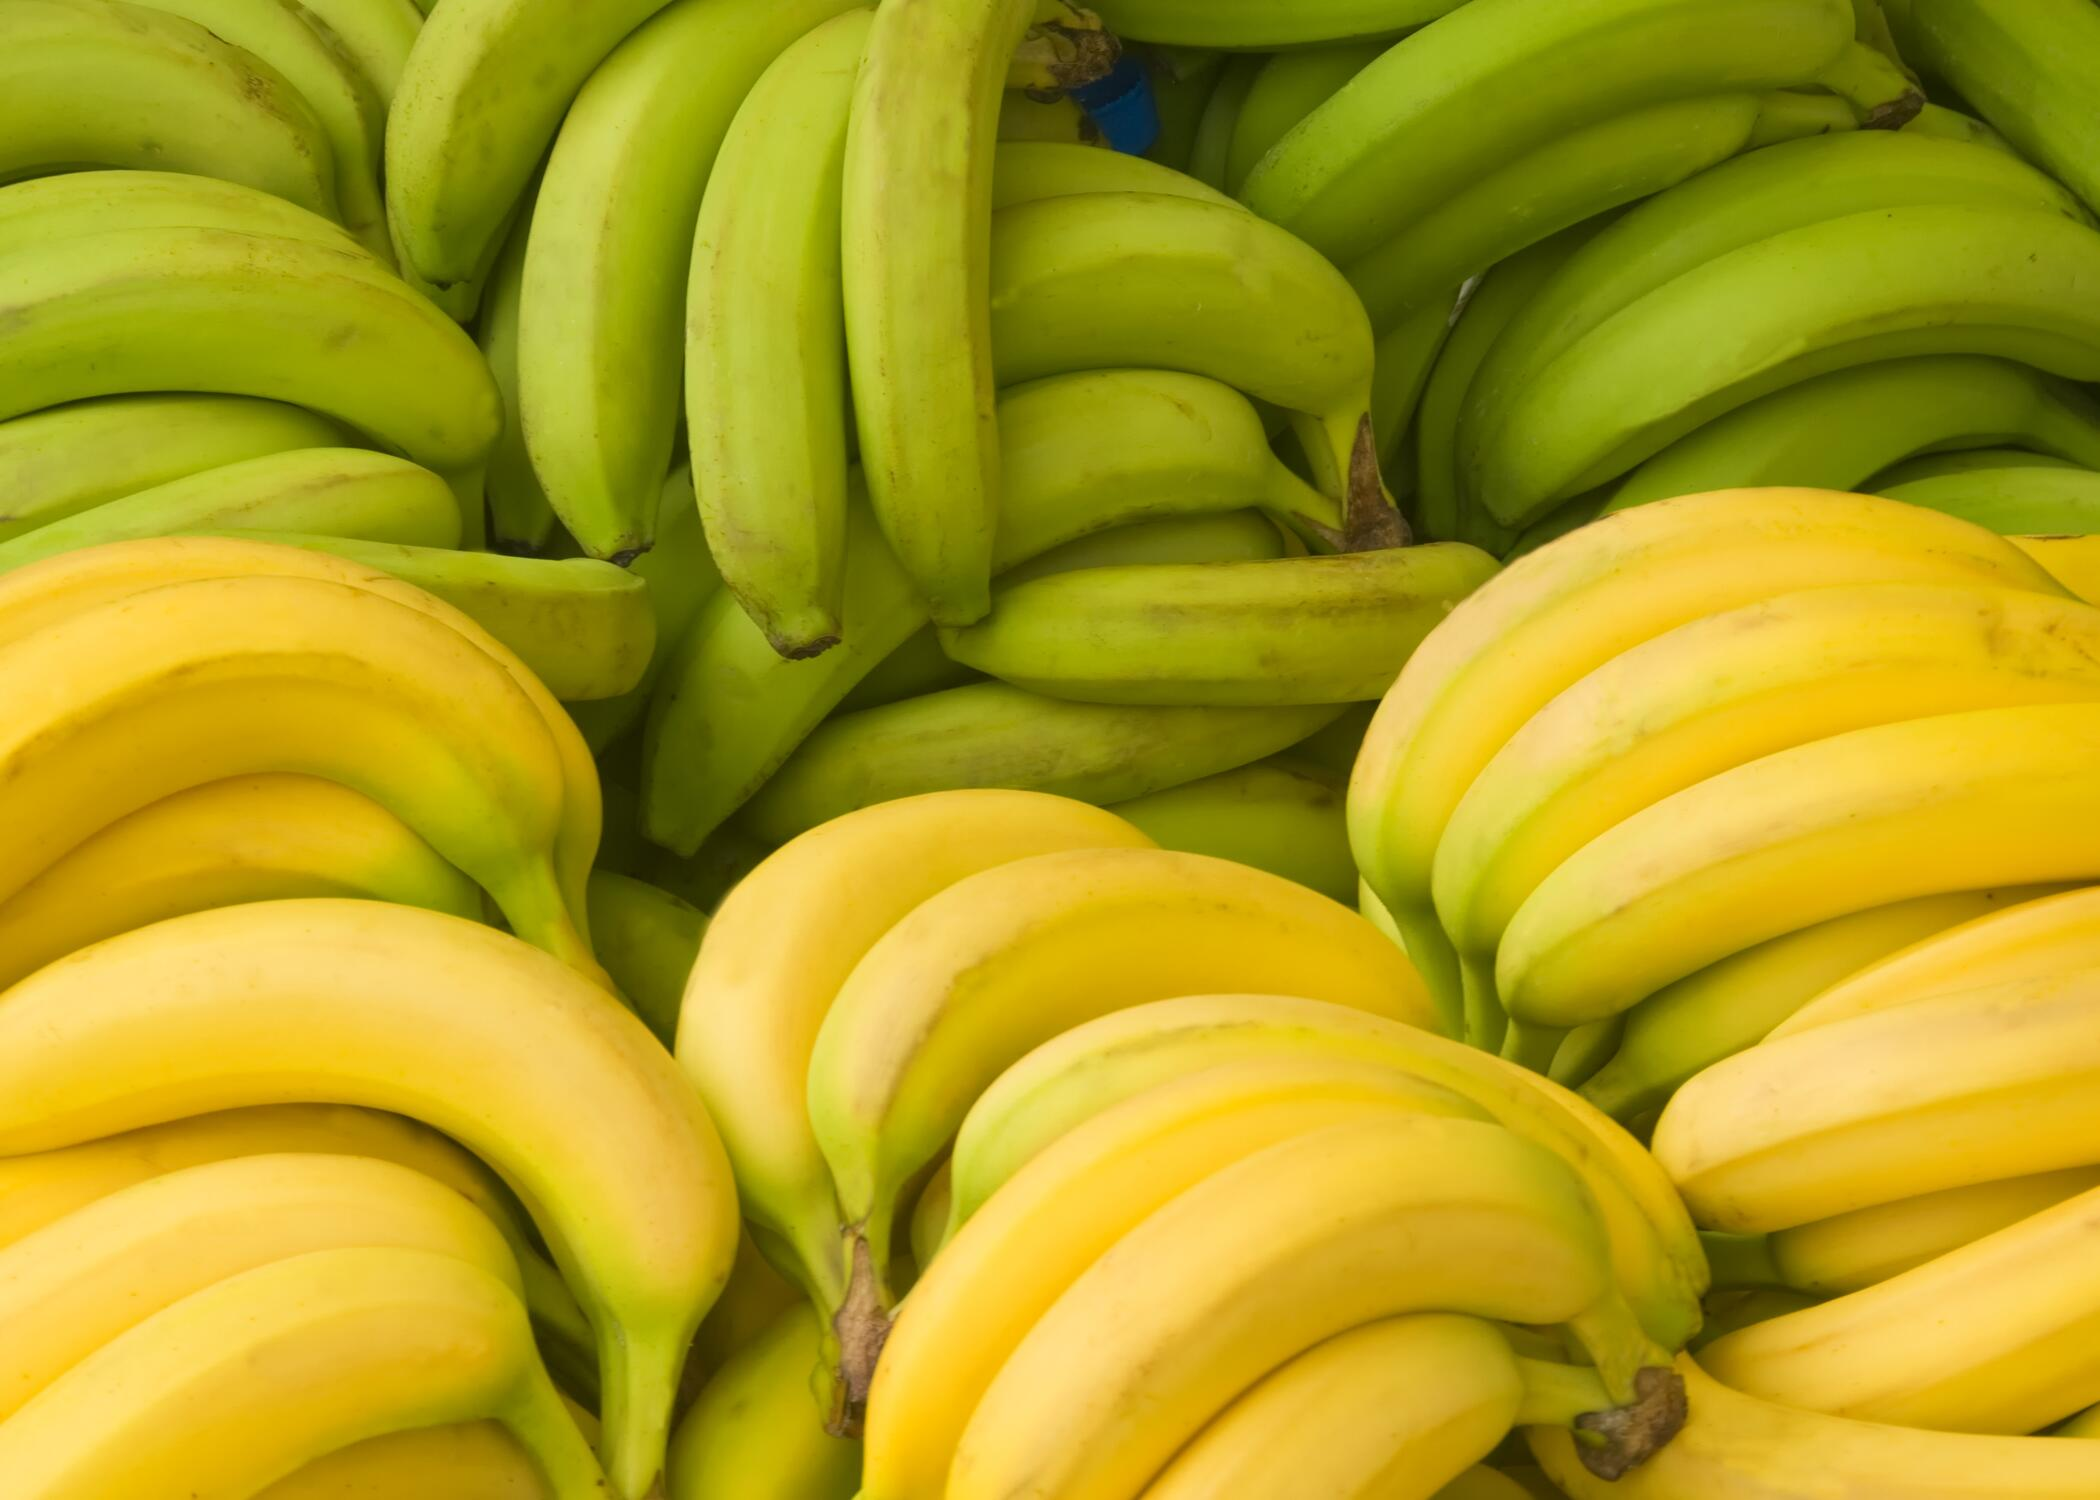 Bild zu Kann ich grüne Bananen essen oder soll ich lieber warten bis sie gelb und reifer sind?